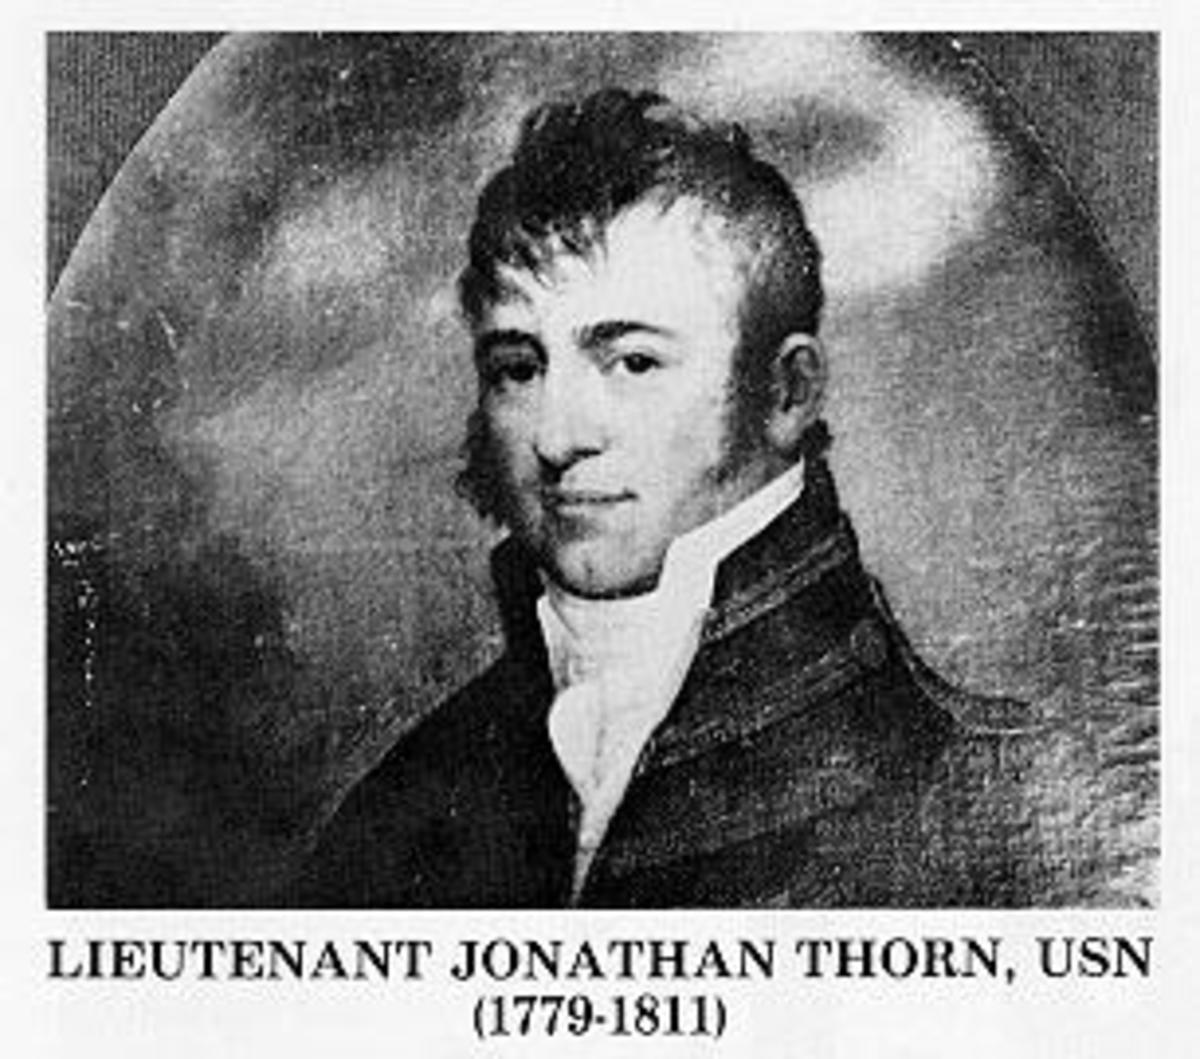 Captain Jonathan Thorn